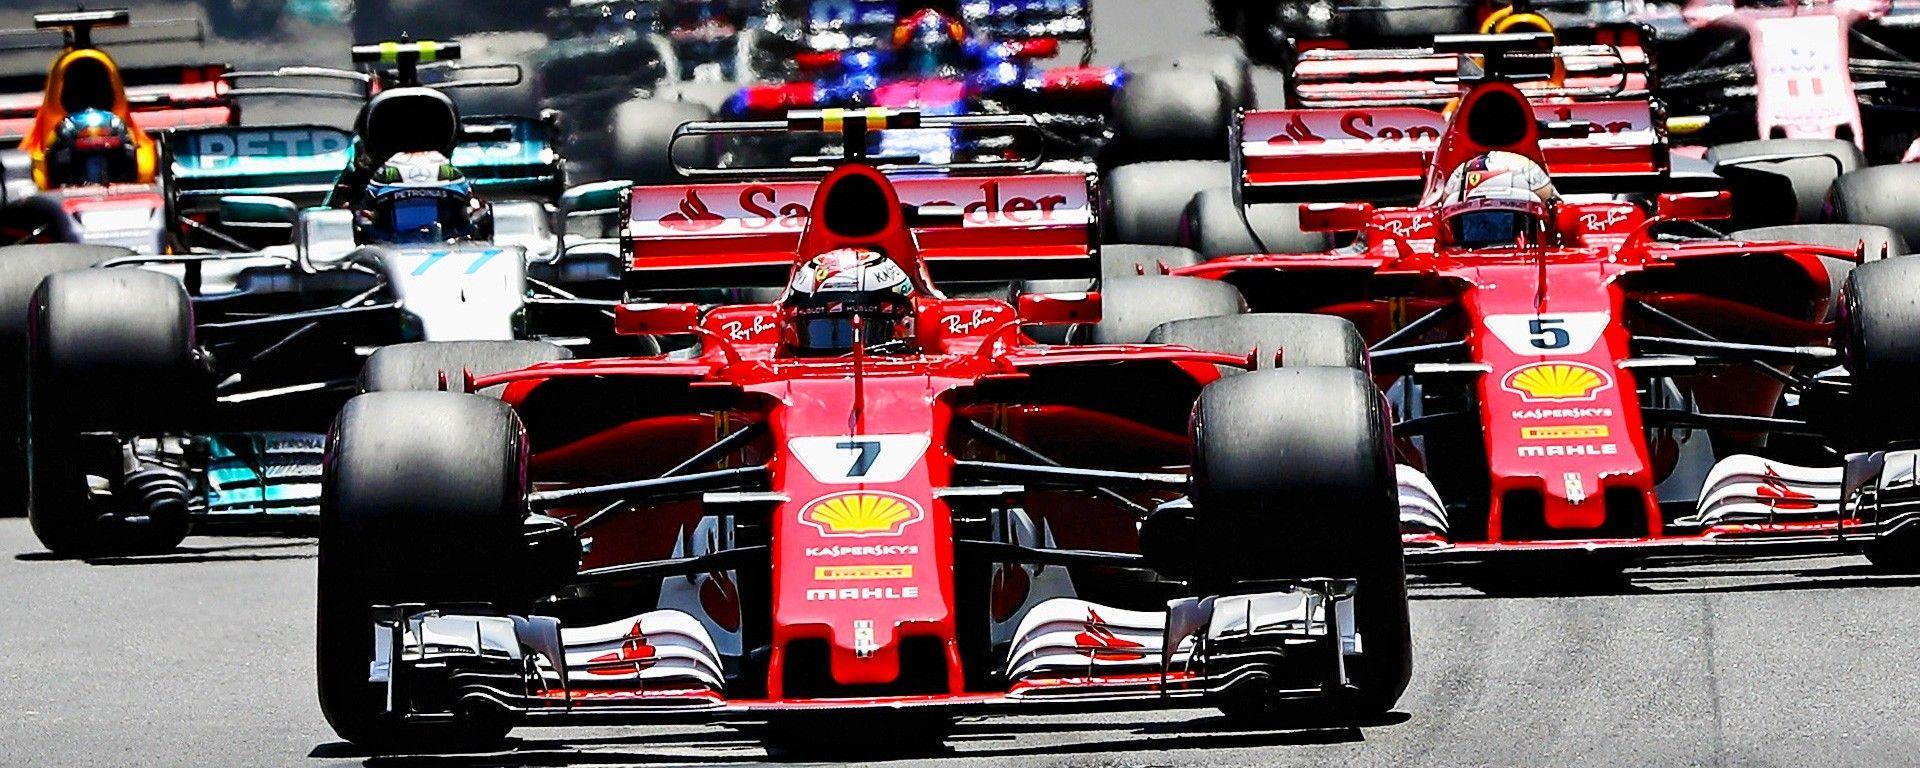 F1 2017: gli highlight della stagione 2017 in video